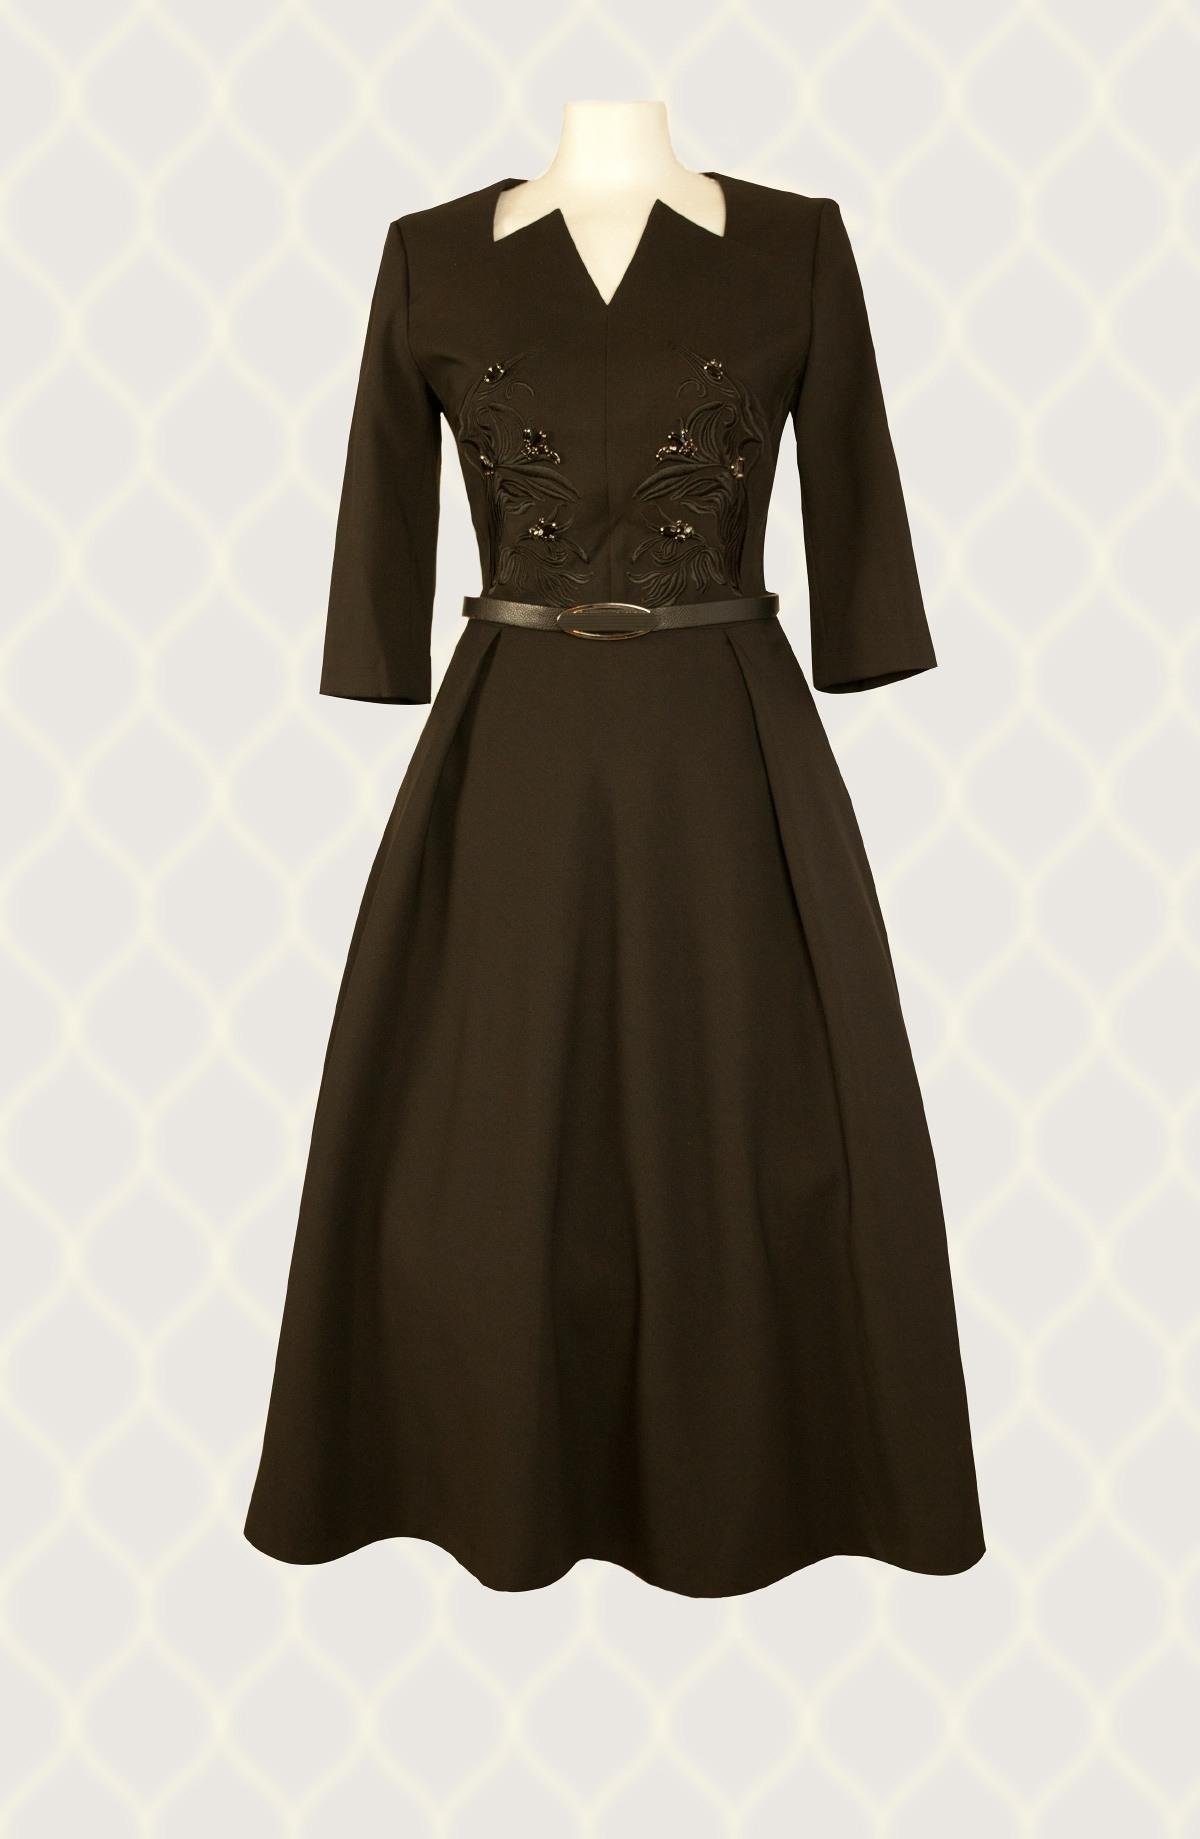 Abend Luxus Kleid Schwarz für 2019 - Abendkleid